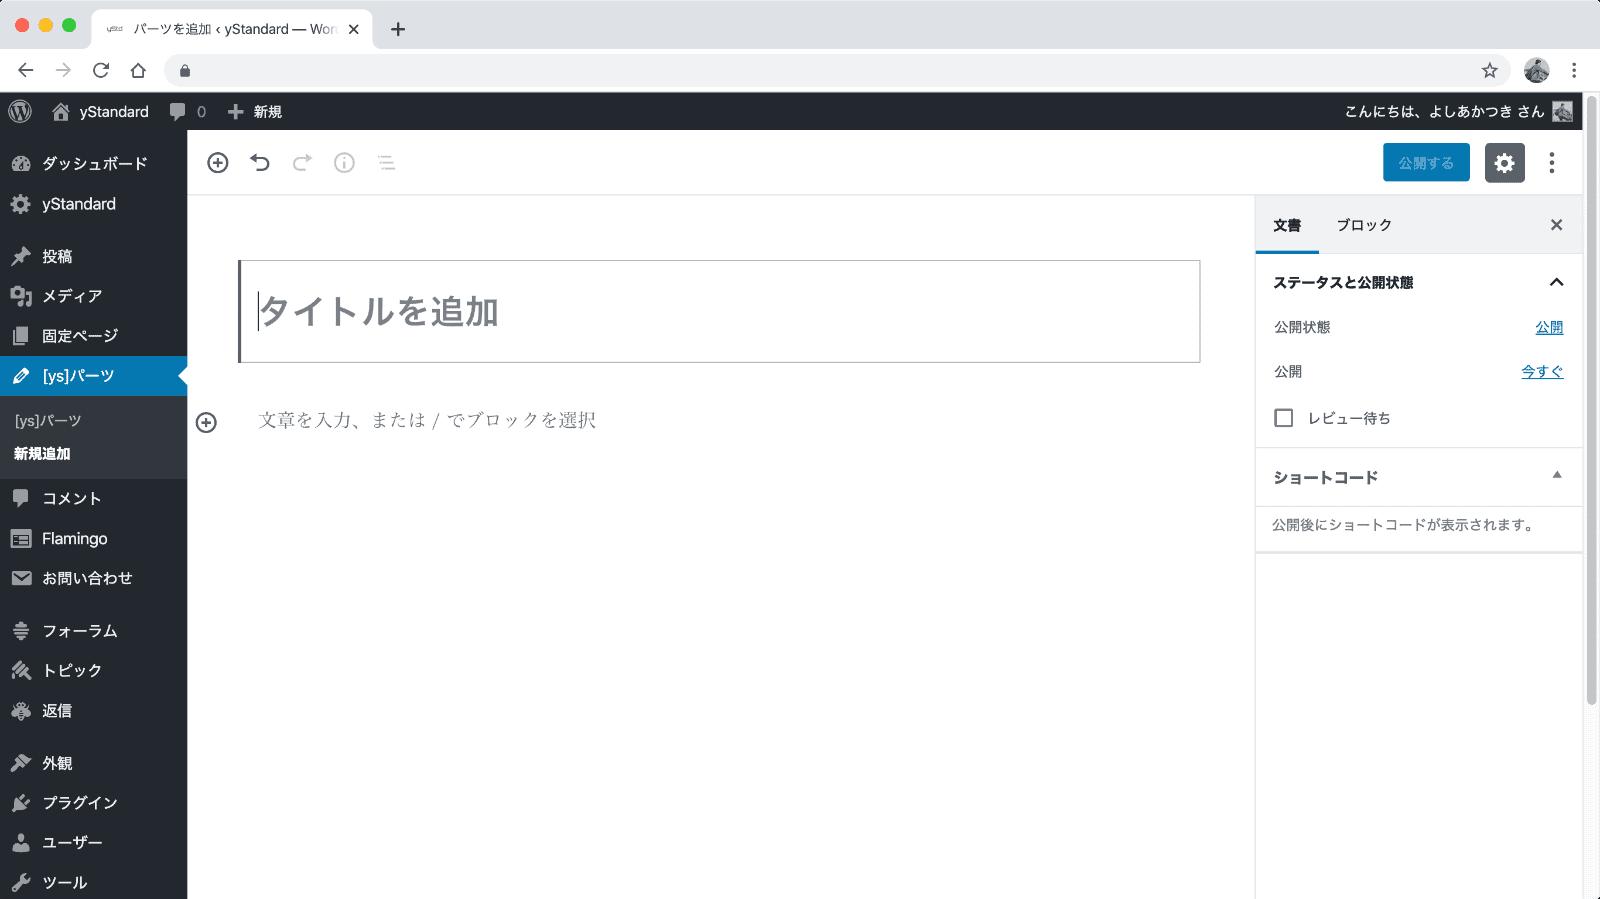 パーツ編集画面